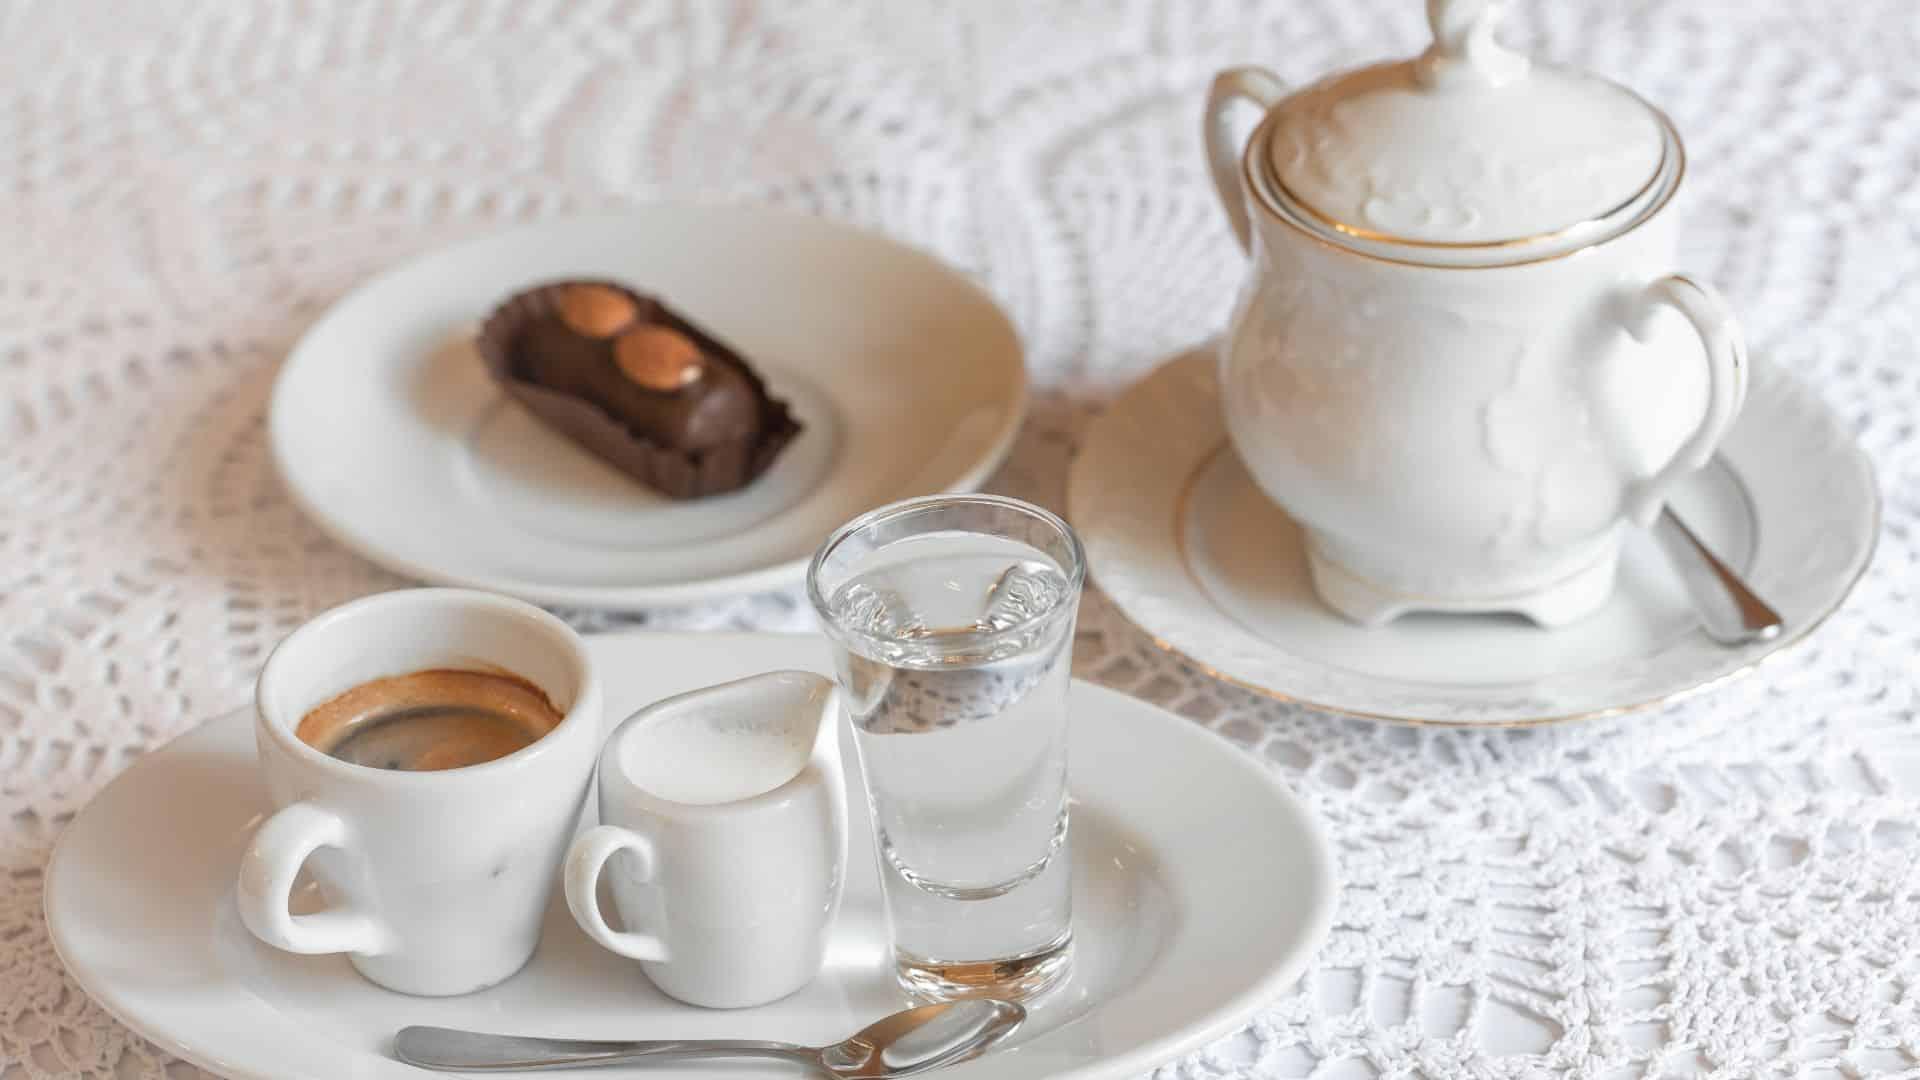 """Bécsben tartózkodik, és itt még nem próbálta ki, hogy milyen a bécsi kávé. Akkor mindenképpen kimarad valahogy. Bécs nagy kávé kultúrával rendelkezik, amely jó ideje visszanyúlik. Ahhoz, hogy Bécsben valóban élvezhesse a kávét, el kell mennie egy hagyományos kávéházba, vagy a """"Kaffeehaus"""" -ba, amint itt, Bécsben, Ausztria ismert. Érdekes módon évszázadok óta a bécsi történelem részét képezik, 1683-tól kezdődően. Az évek során ezek a kávéházak határozottan befolyásolták a bécsi kultúrát. Találkozási pontként szolgálva az üdvözlésre jött zenészek, filozófusok, írók és művészek számára. Gondjaik elmúlnak, gondolkodj és lazíts egy csésze kávé mellett. A kávéházakat ma is találkozási pontként használják barátok, üzleti partnerek és más szakemberek körében."""